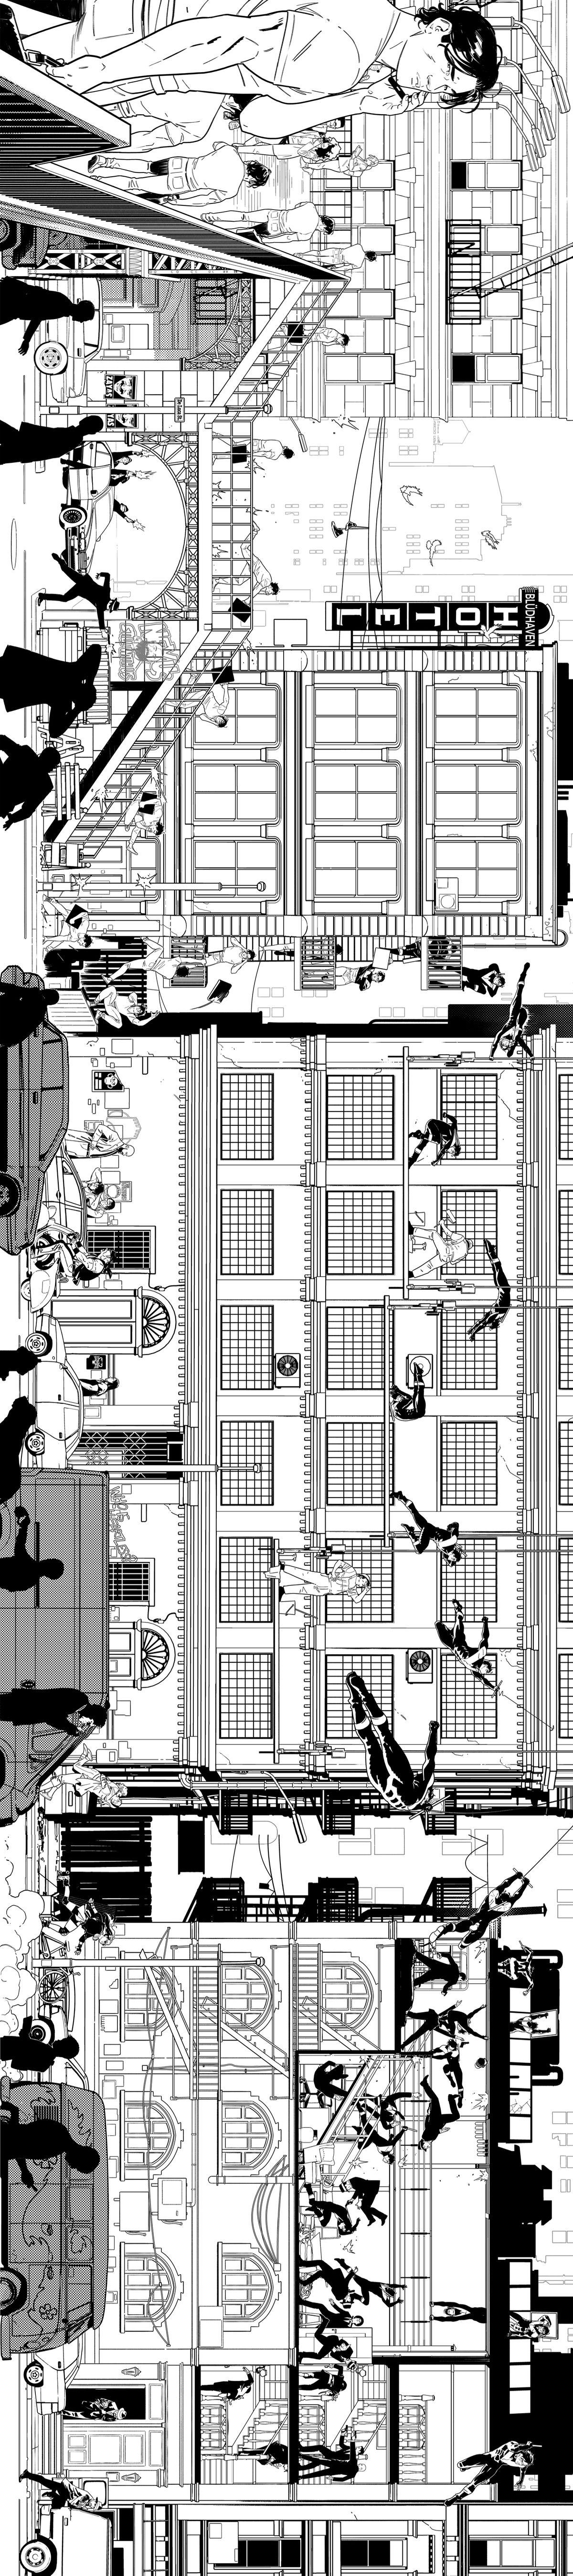 Panoramic comic book art